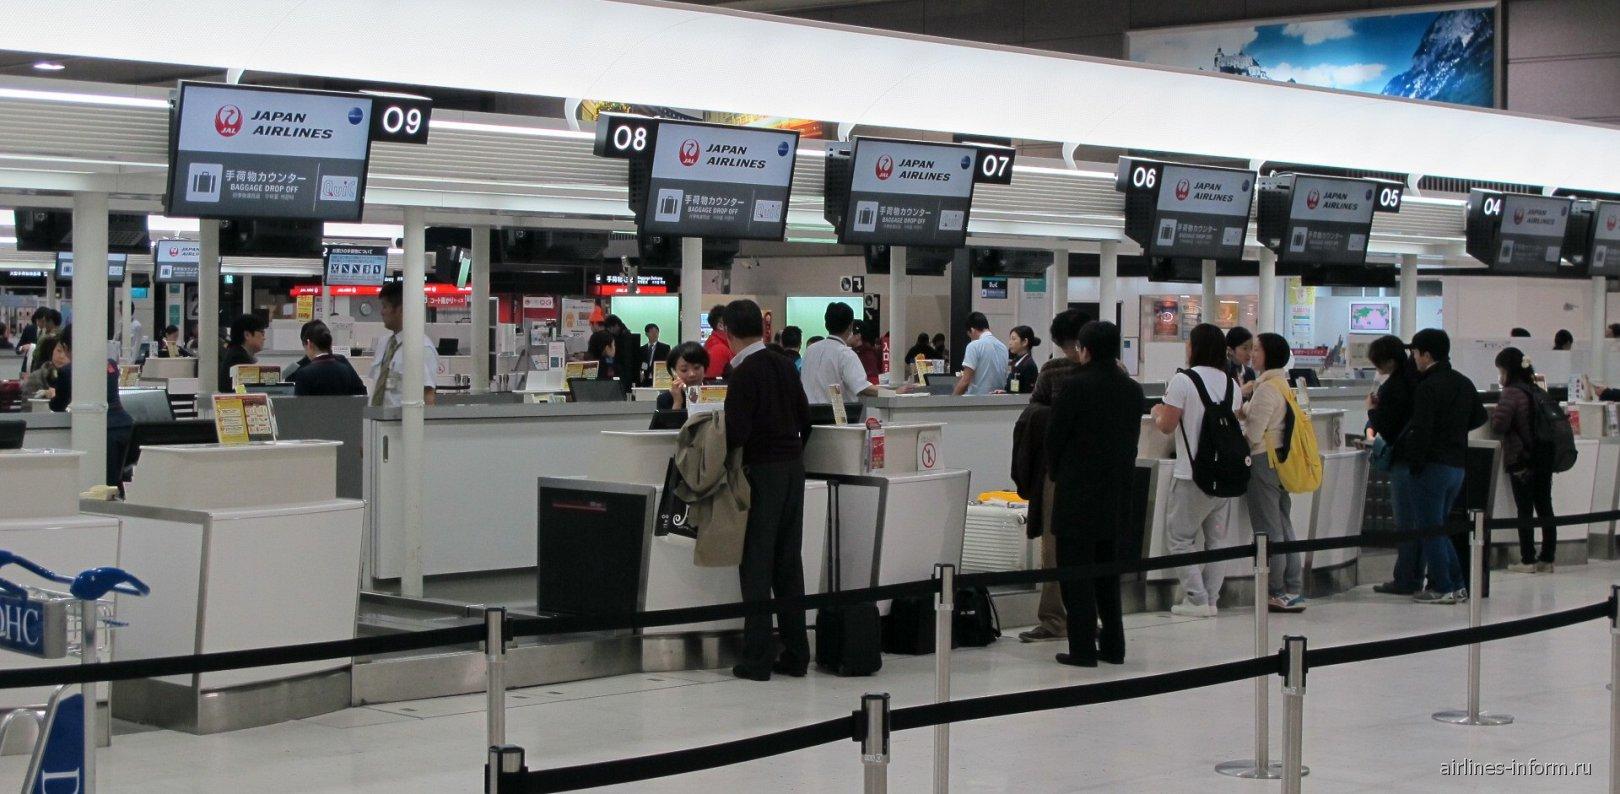 Стойки регистрации авиакомпании JAL в терминале 2 аэропорта Токио Нарита